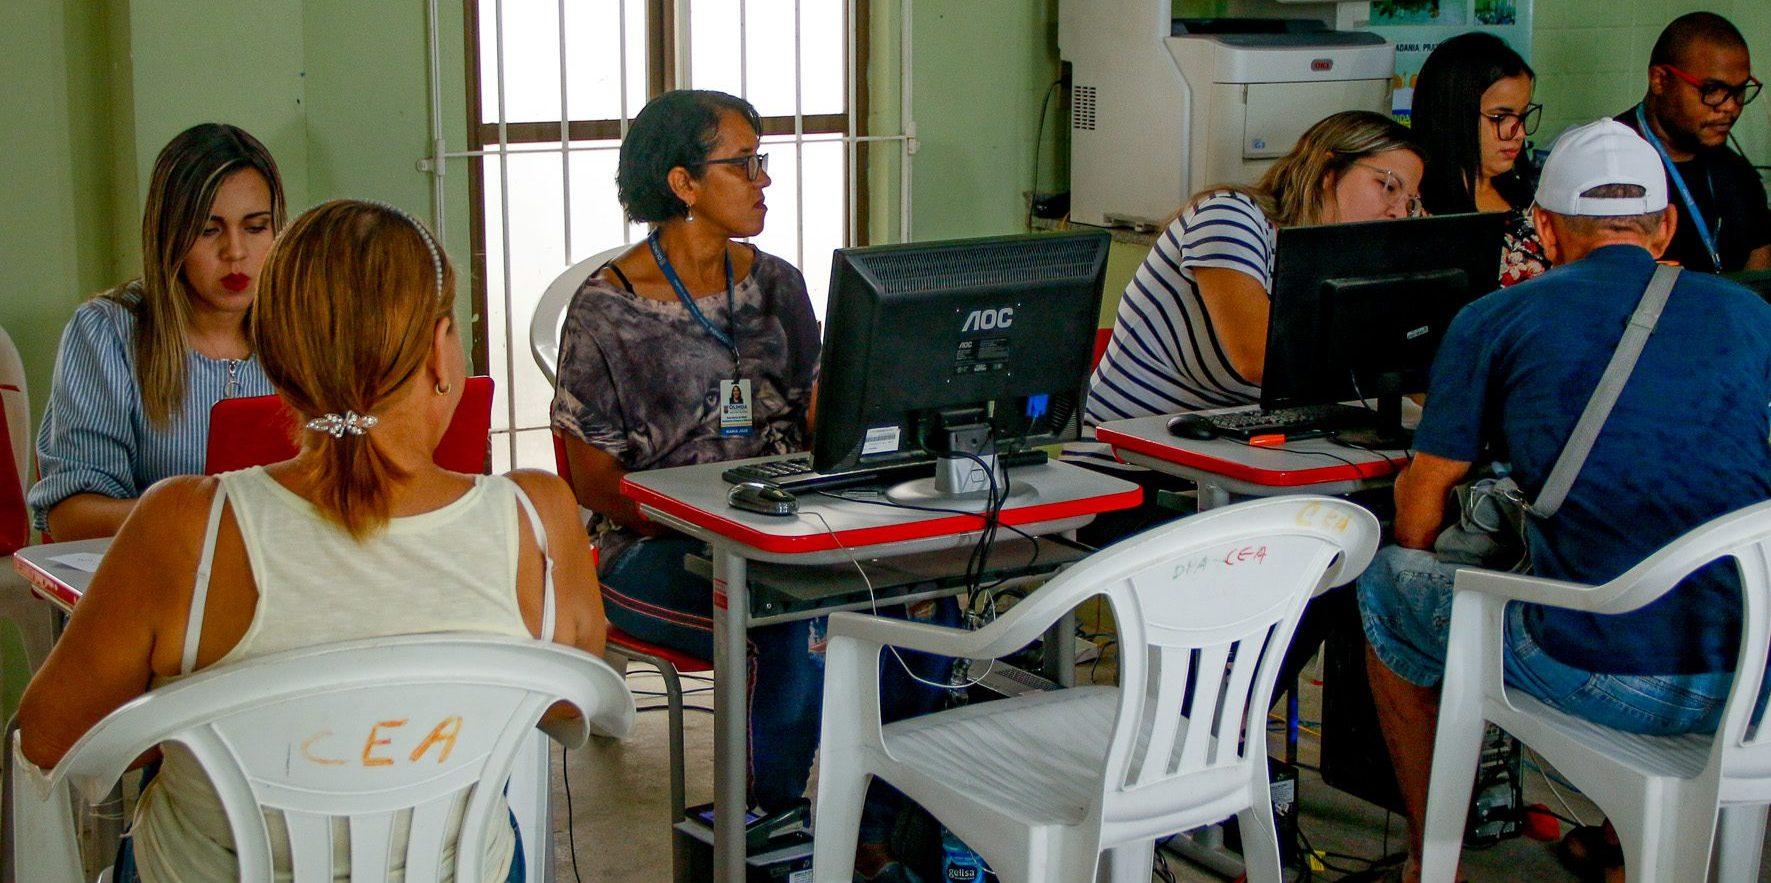 Ambulantes que desejam trabalhar nas prévias do carnaval de Olinda podem se inscrever até o dia 17